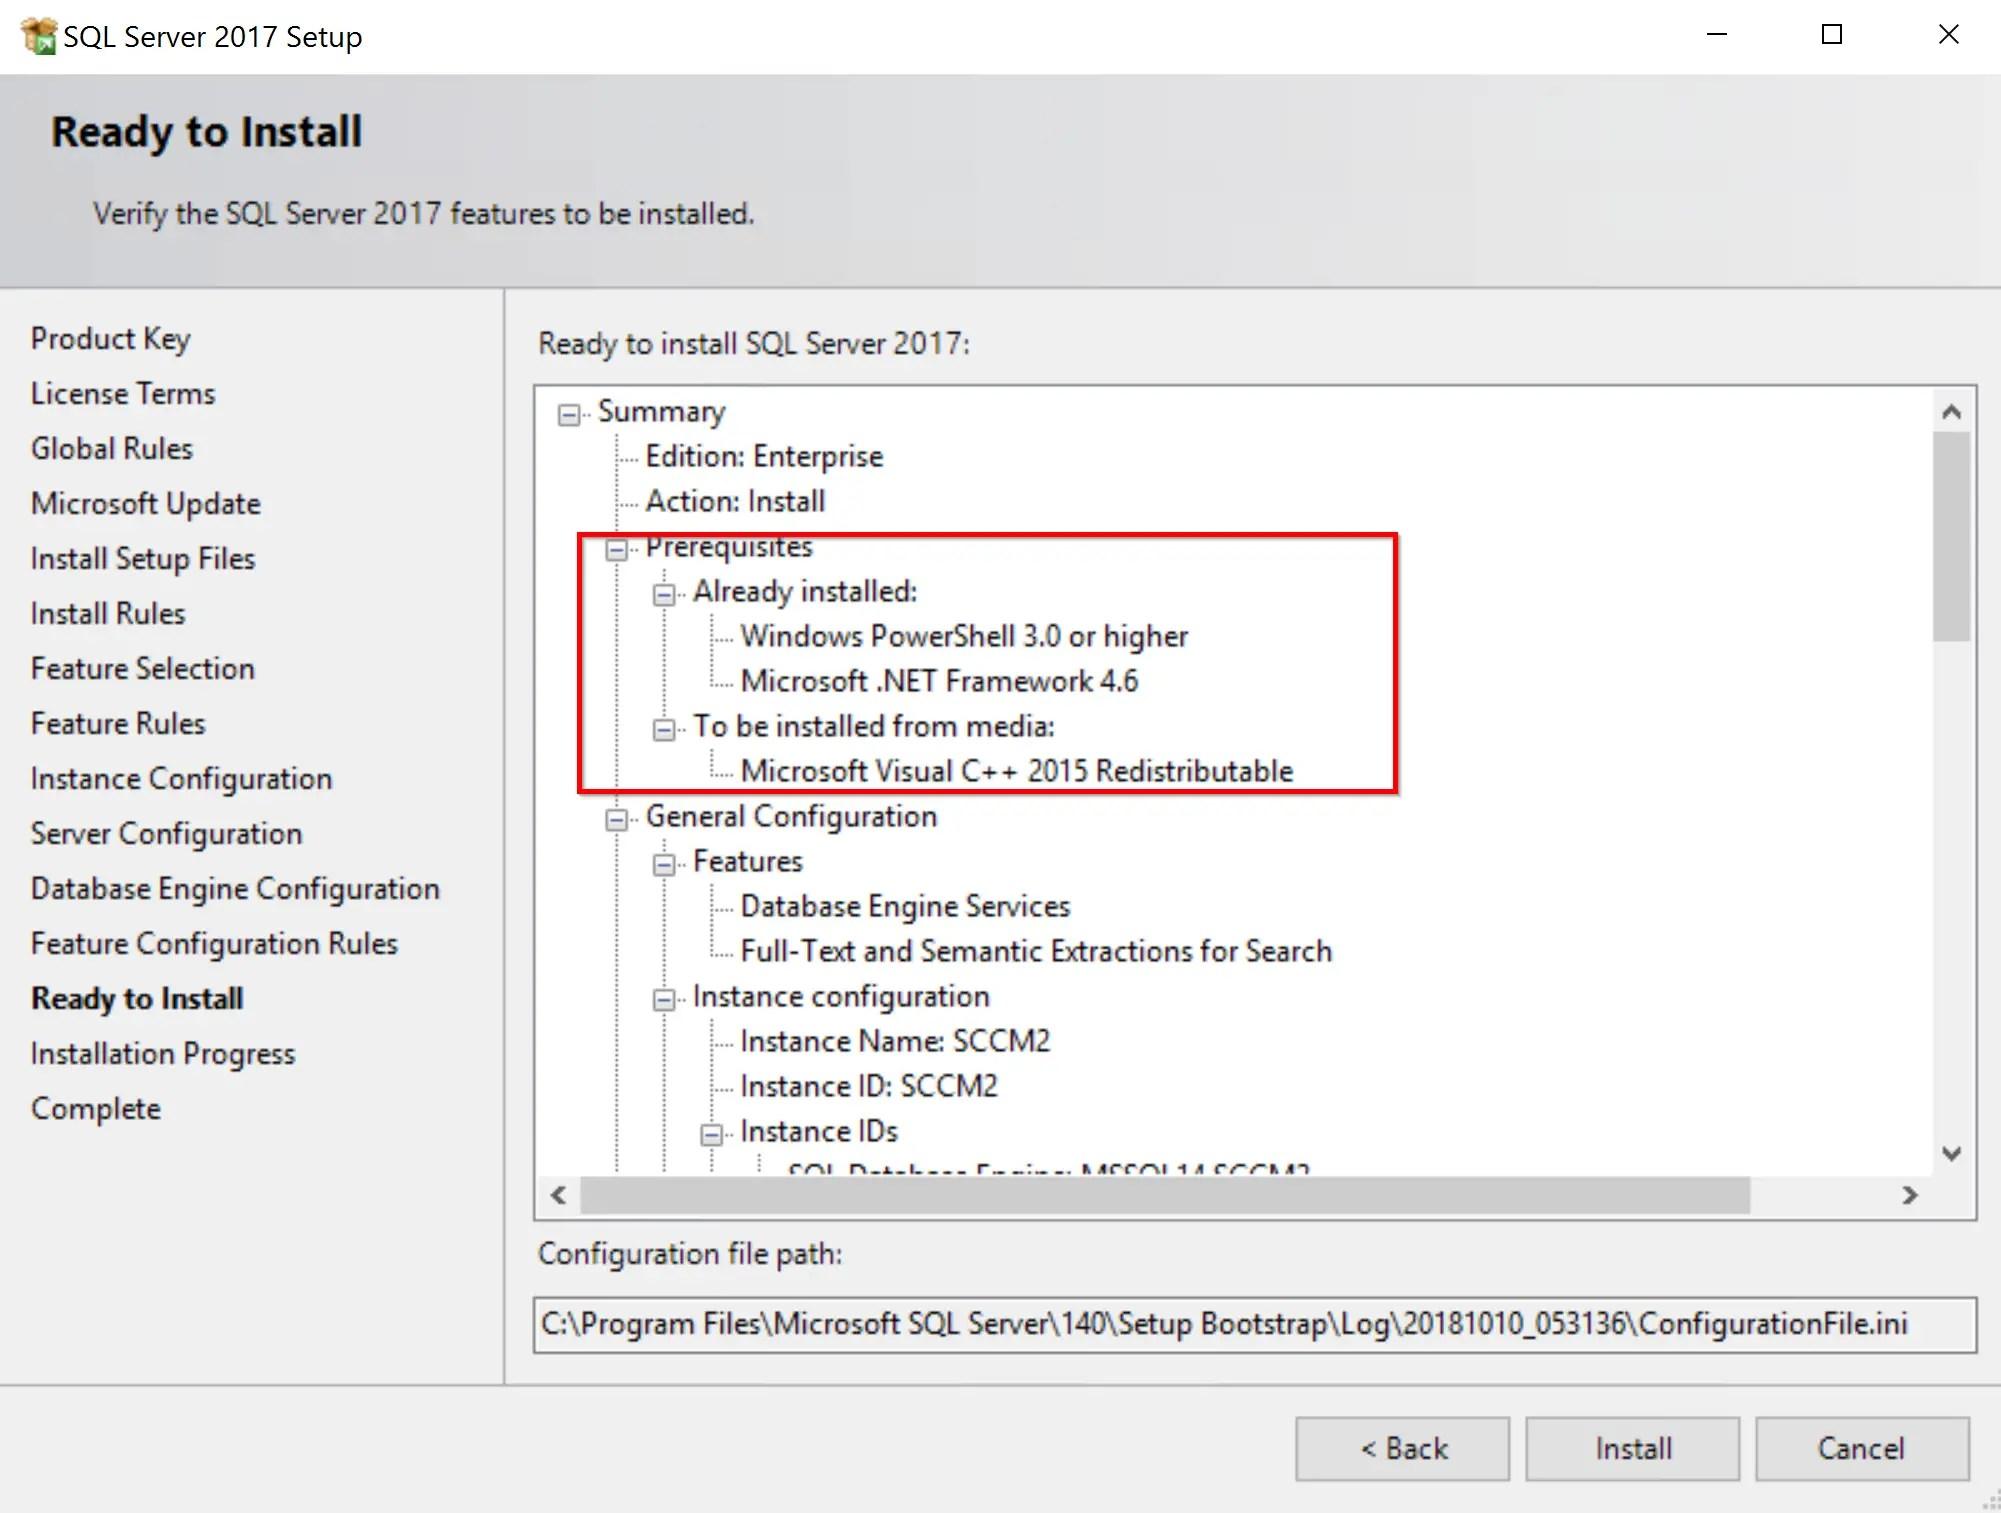 SQL Server 2017 Step by step for SCCM Installation 14